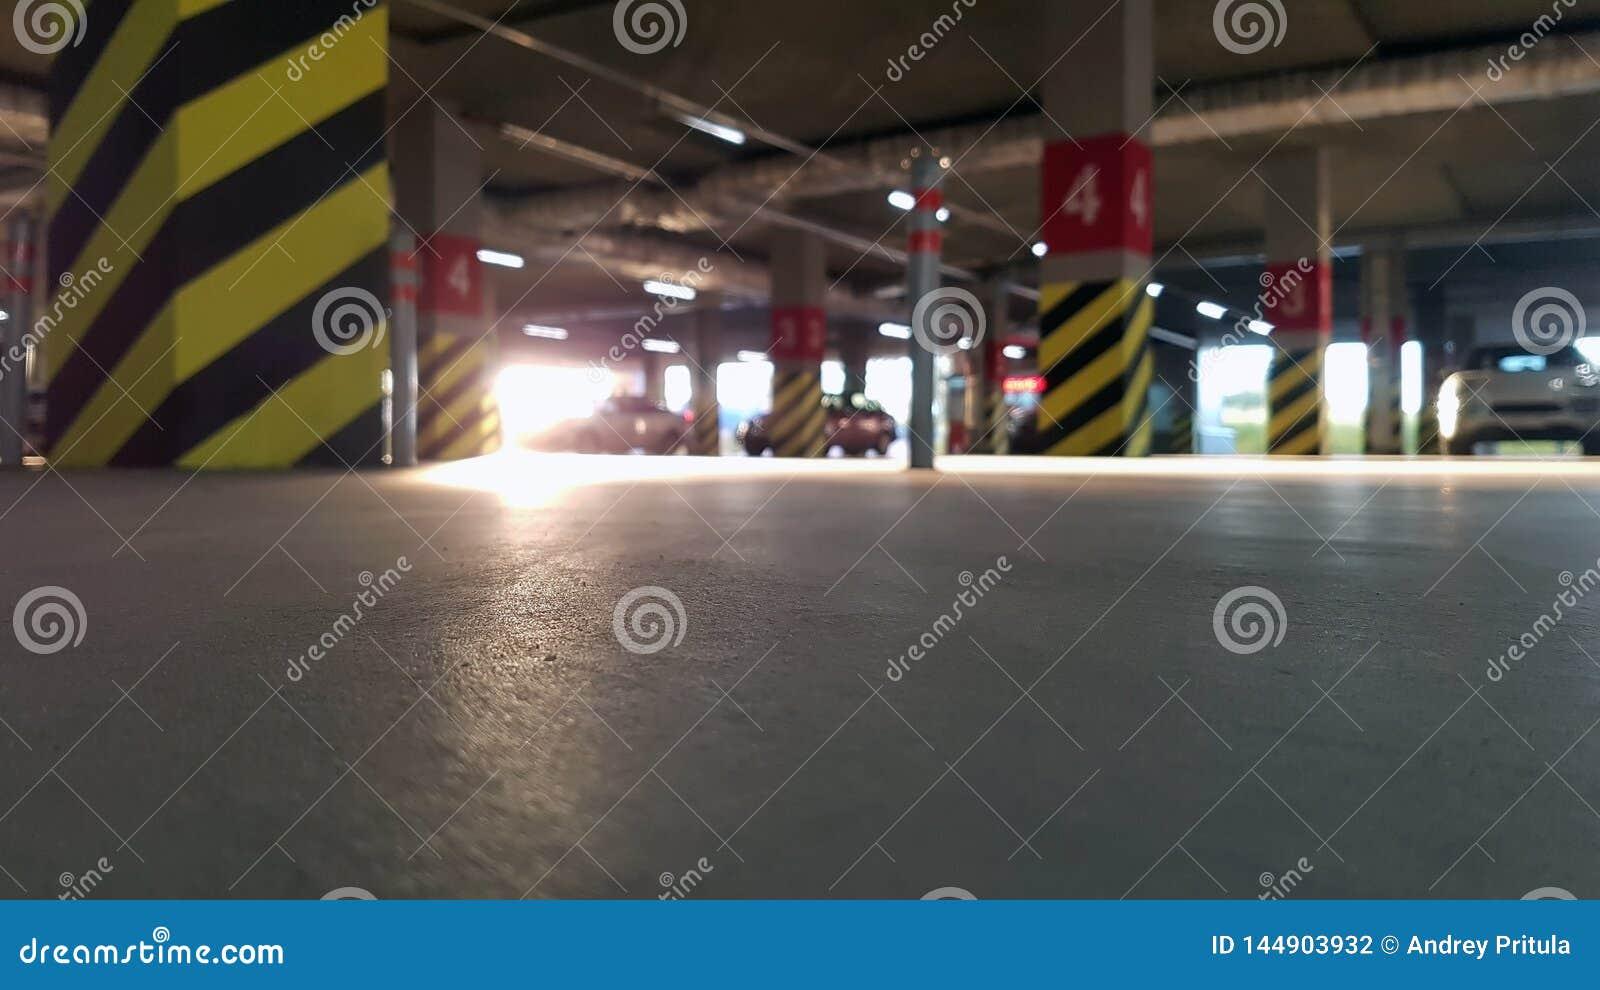 Υπόγειος χώρος στάθμευσης με τα αυτοκίνητα μια ηλιόλουστη ημέρα